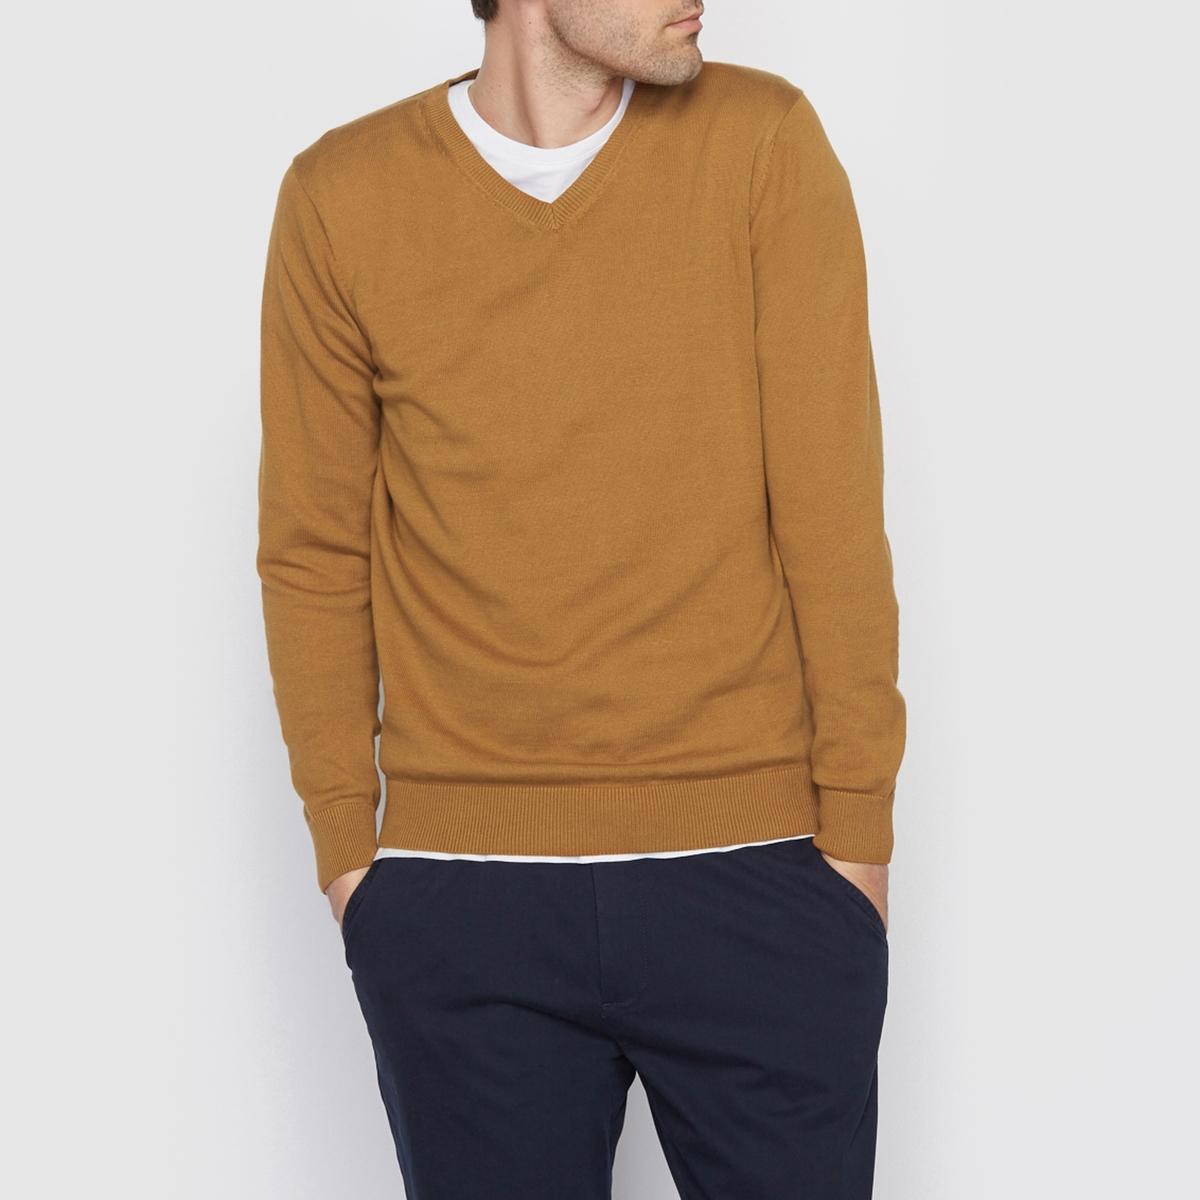 Пуловер с V-образным вырезом, 100% хлопкаПуловер с длинными рукавами. Прямой покрой, V-образный вырез. Края низа и рукавов связаны в рубчик. Состав и описание Материал : 100% хлопкаМарка : R essentiel.<br><br>Цвет: темно-бежевый